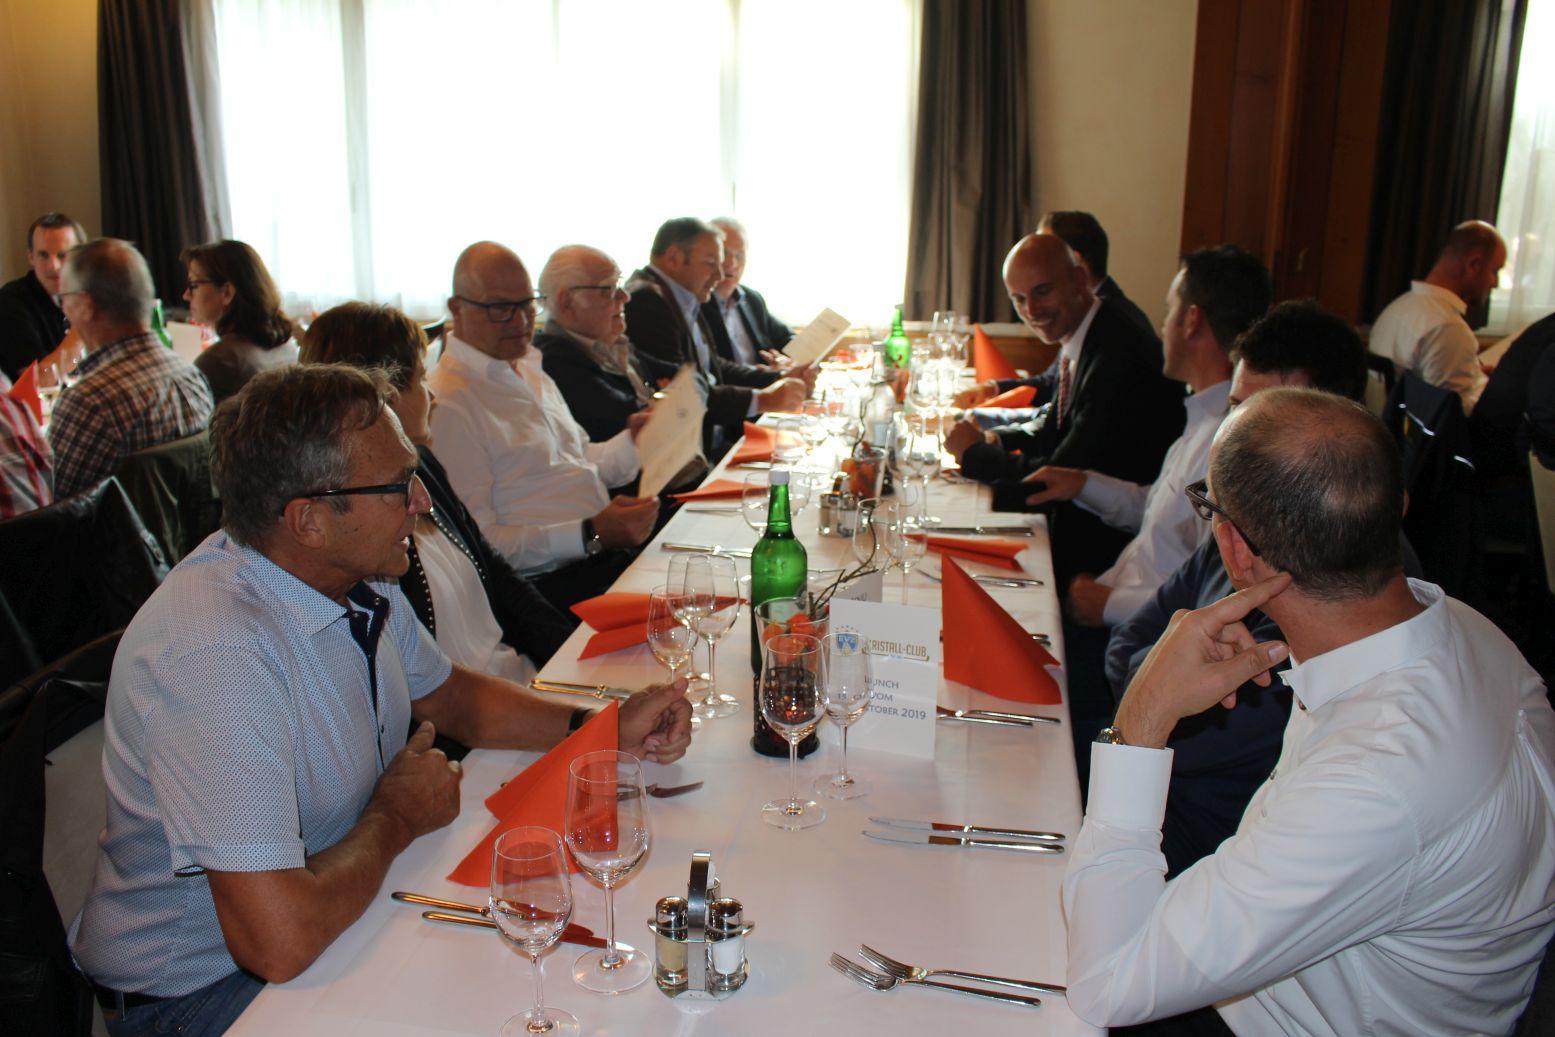 KIC Luncheon Rössli 018